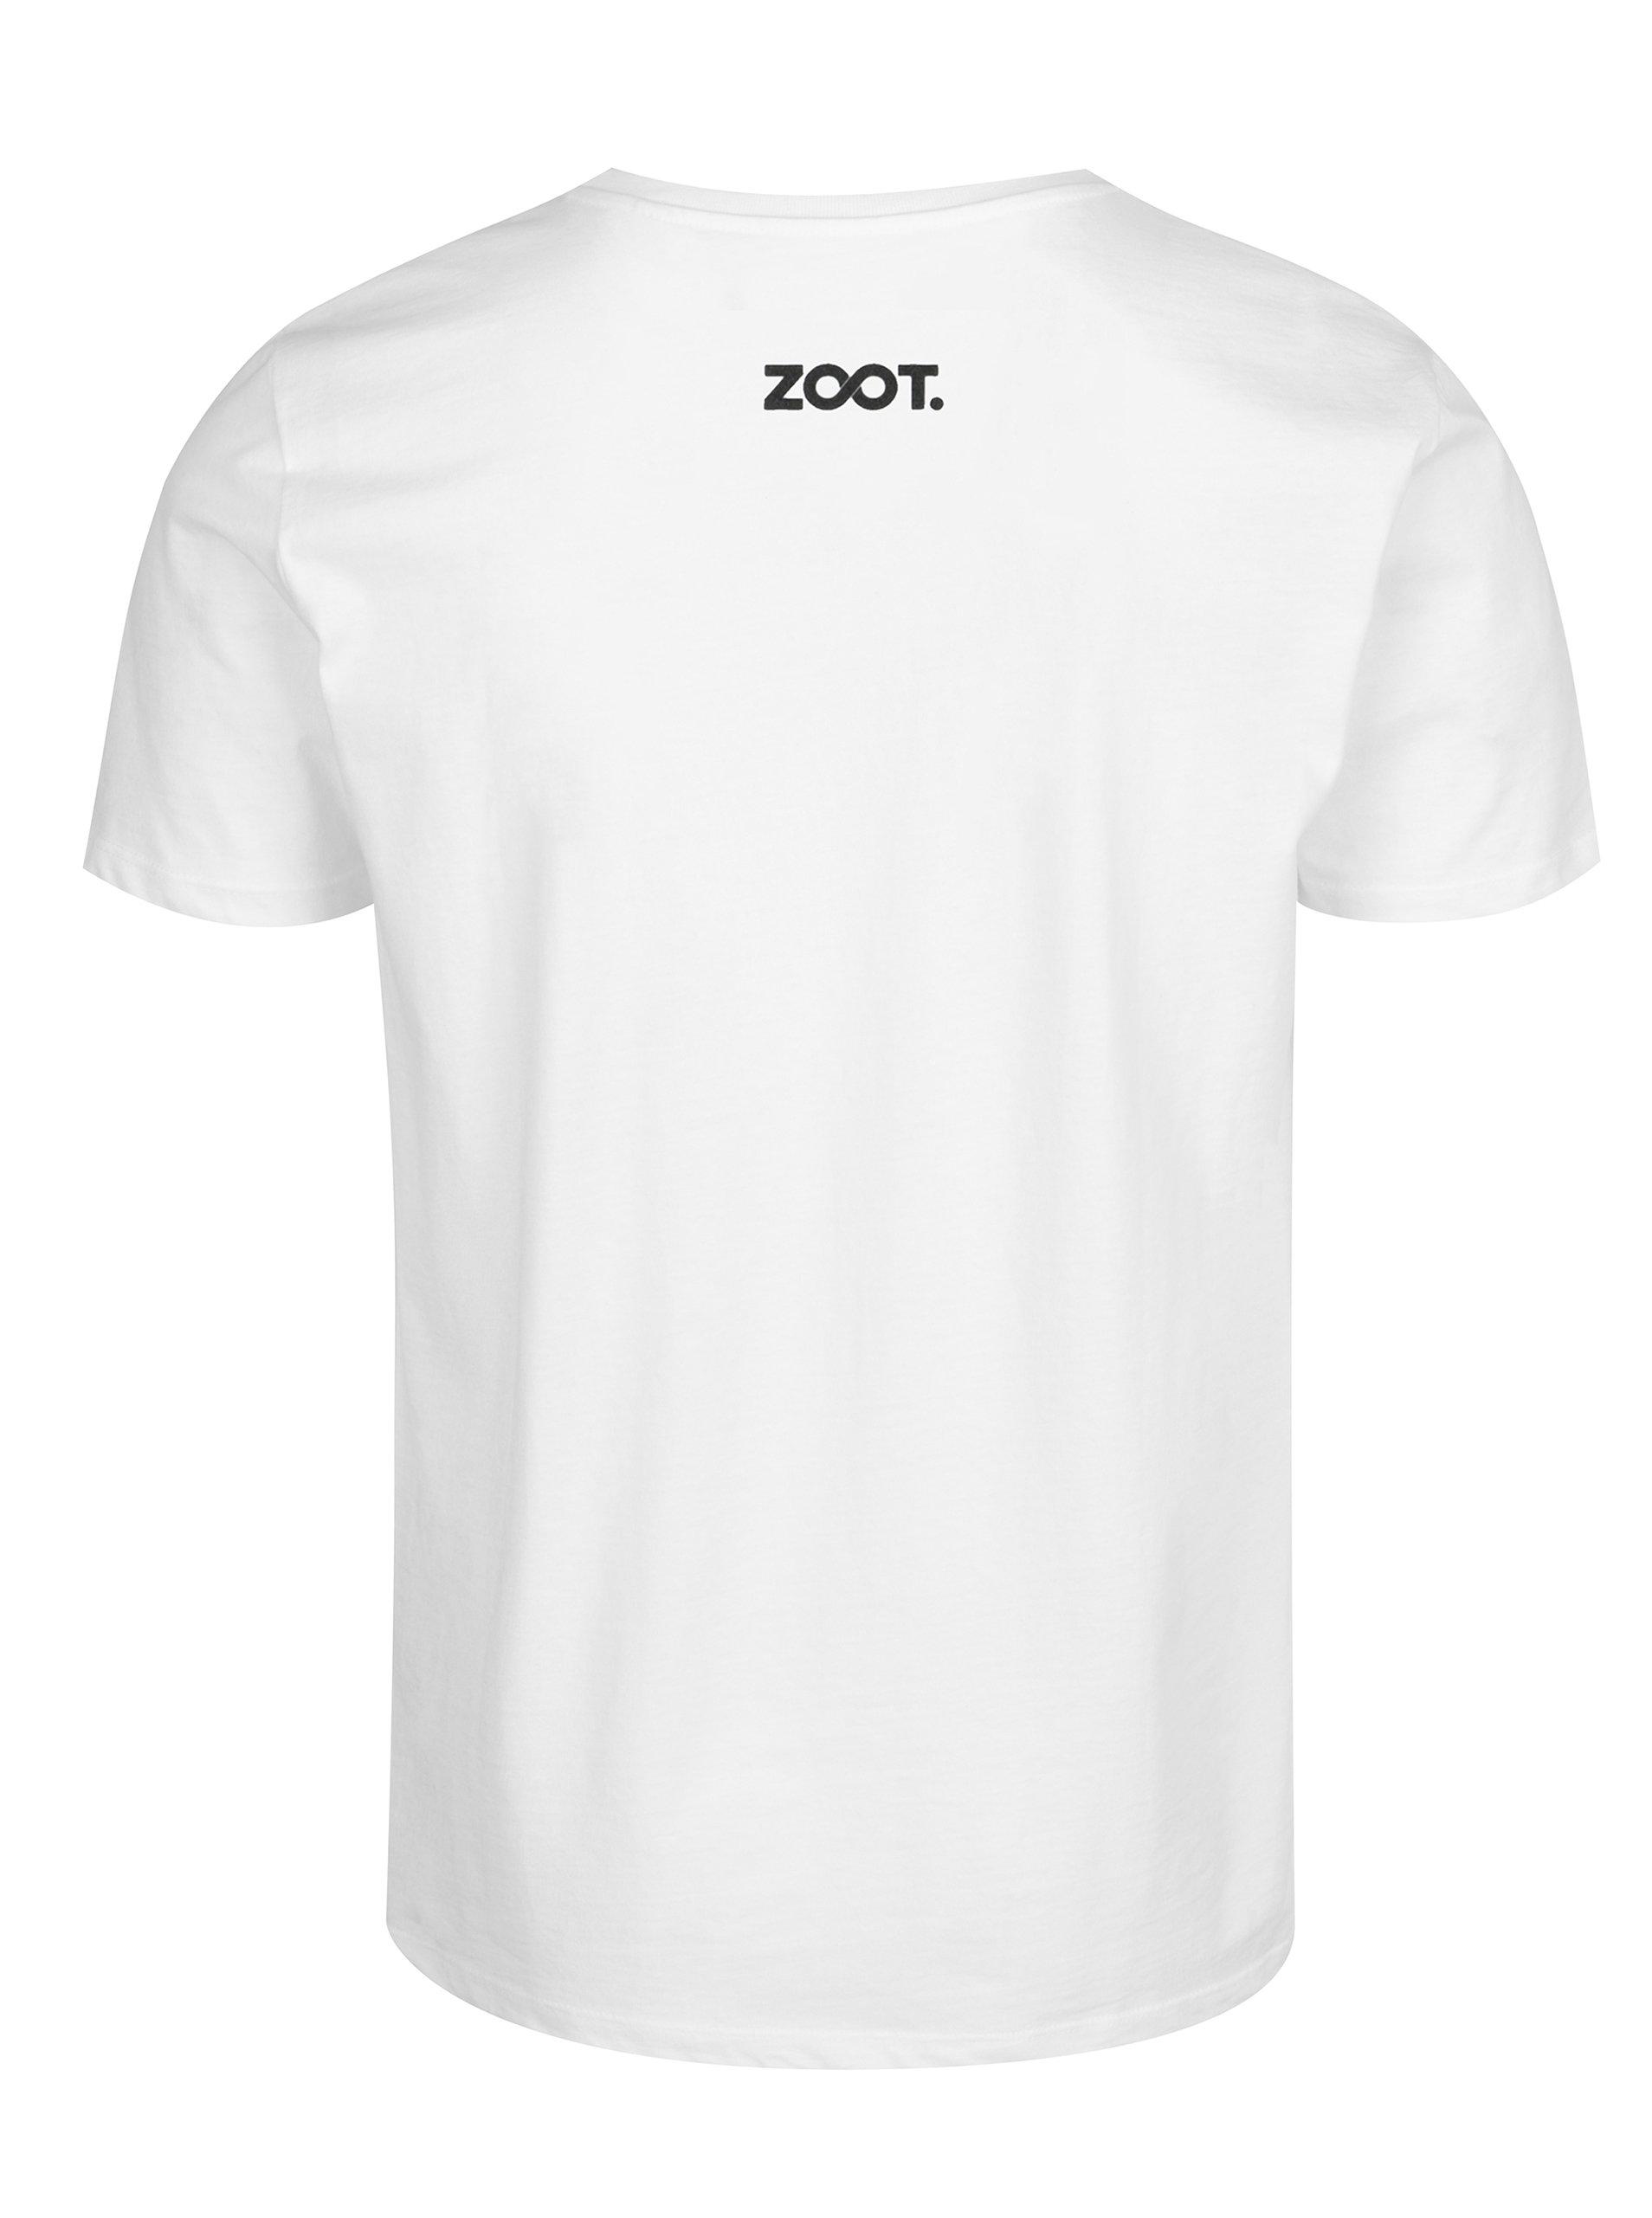 Bílé dětské tričko ZOOT Kids Lední medvěd ... 6872bcb931